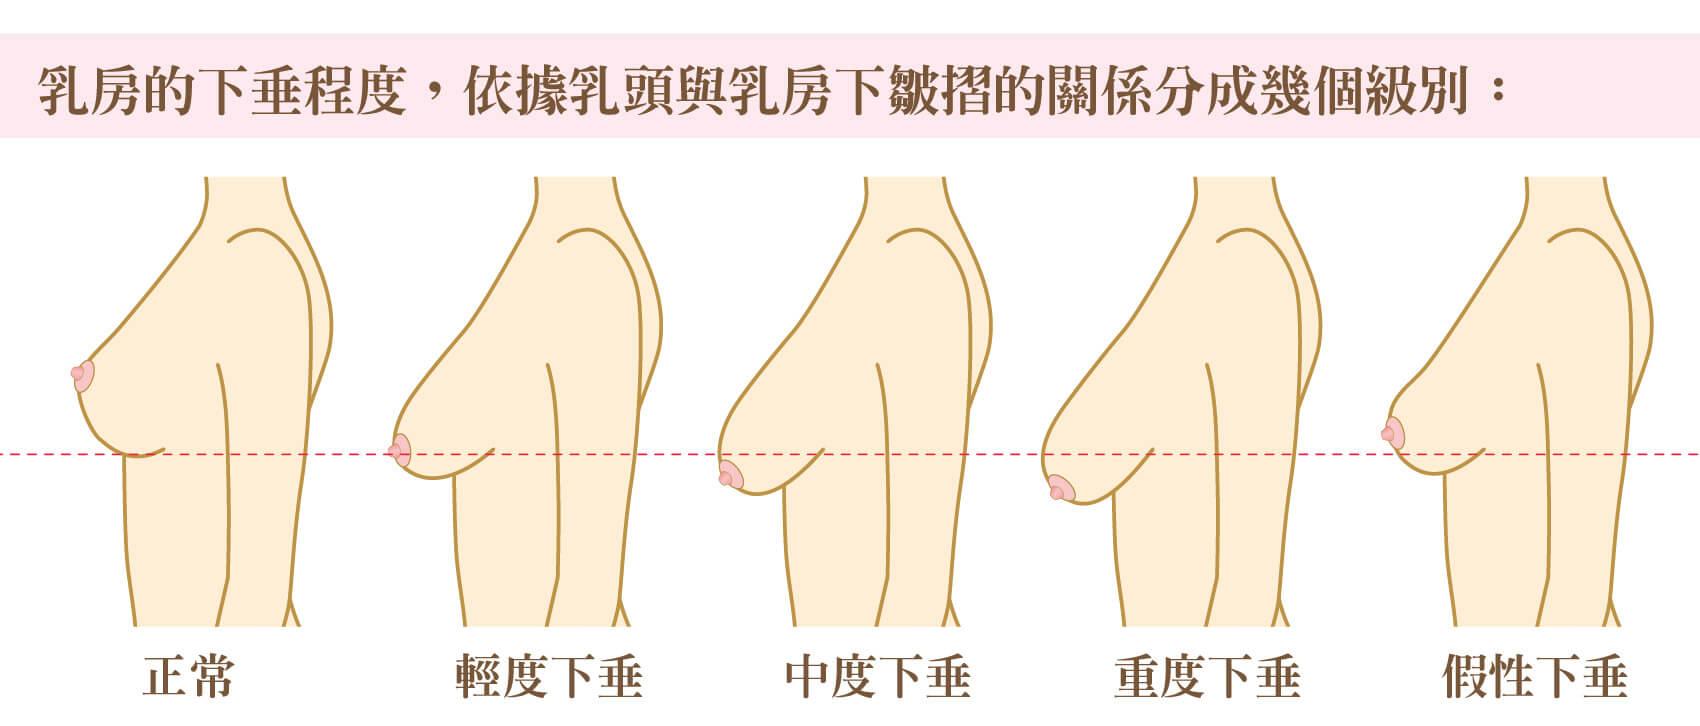 乳房的下垂程度